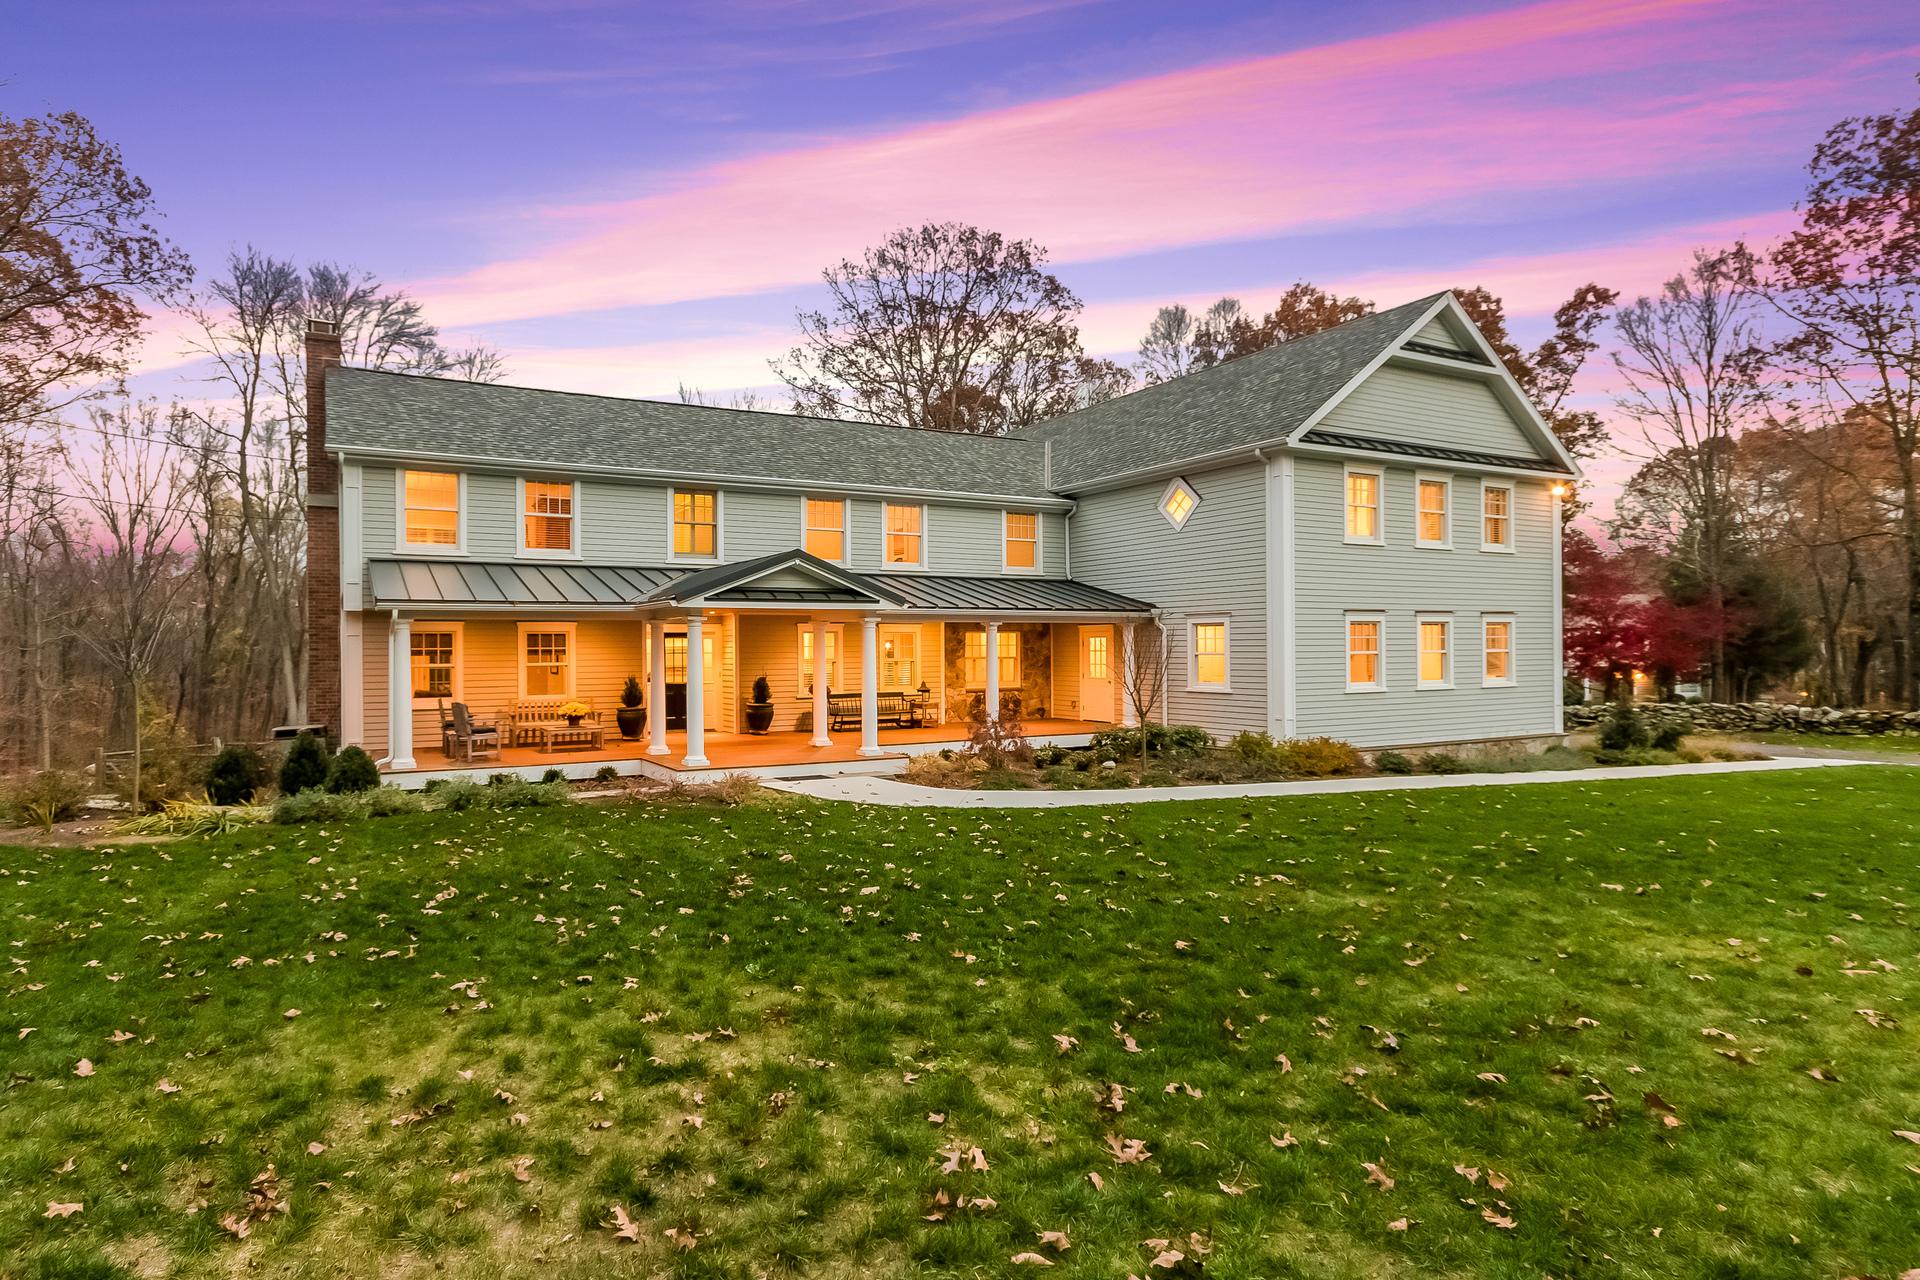 Maison unifamiliale pour l Vente à 82 Pipers Hill Road Wilton, Connecticut, 06897 États-Unis